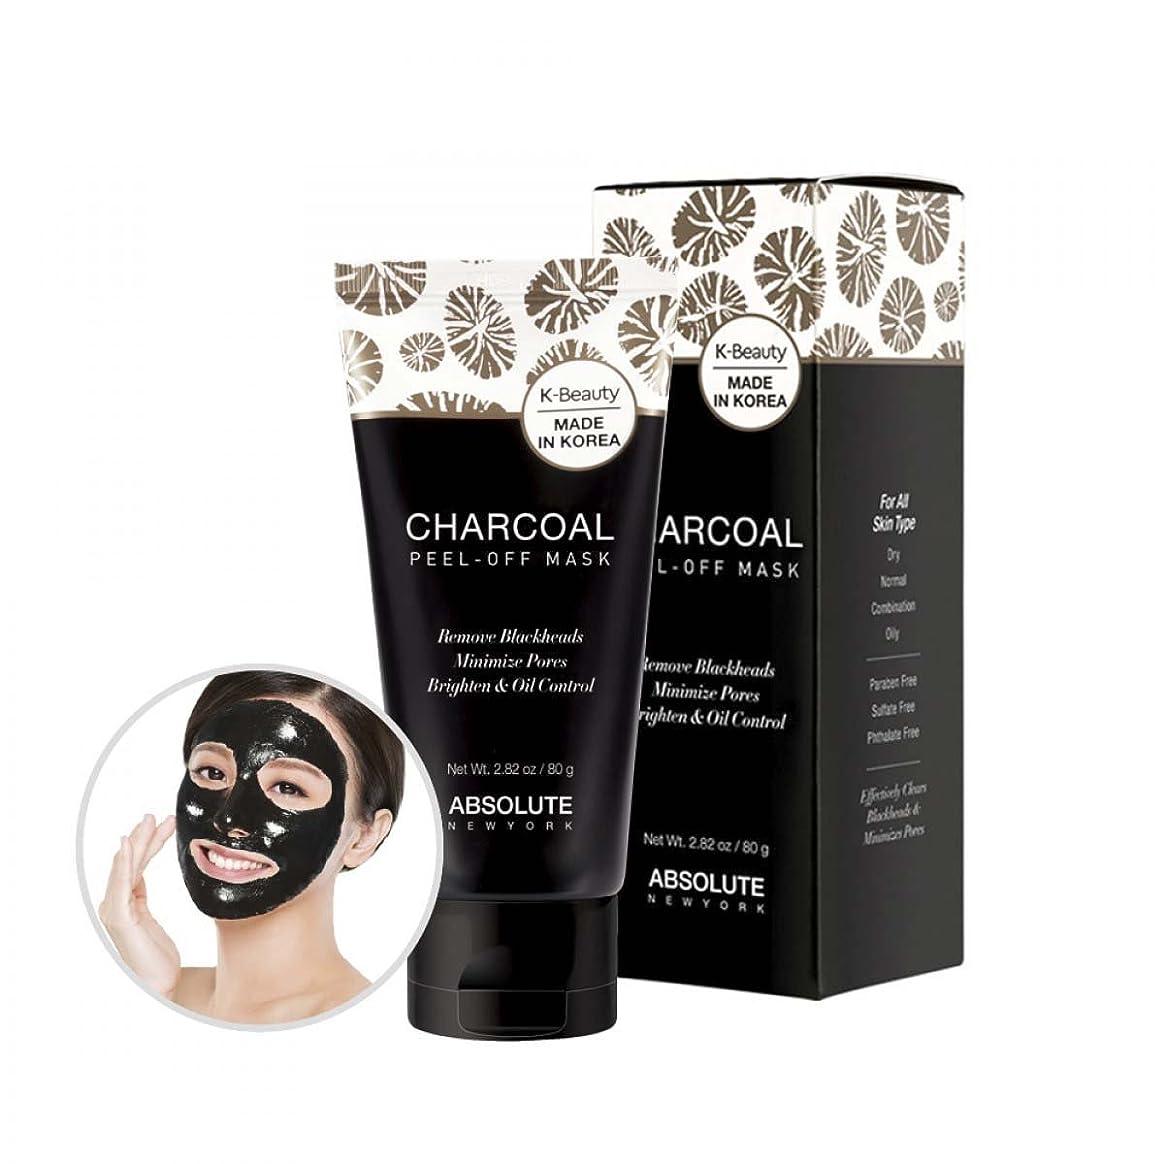 インデックス見込みびっくりABSOLUTE Charcoal Peel-Off Mask (並行輸入品)